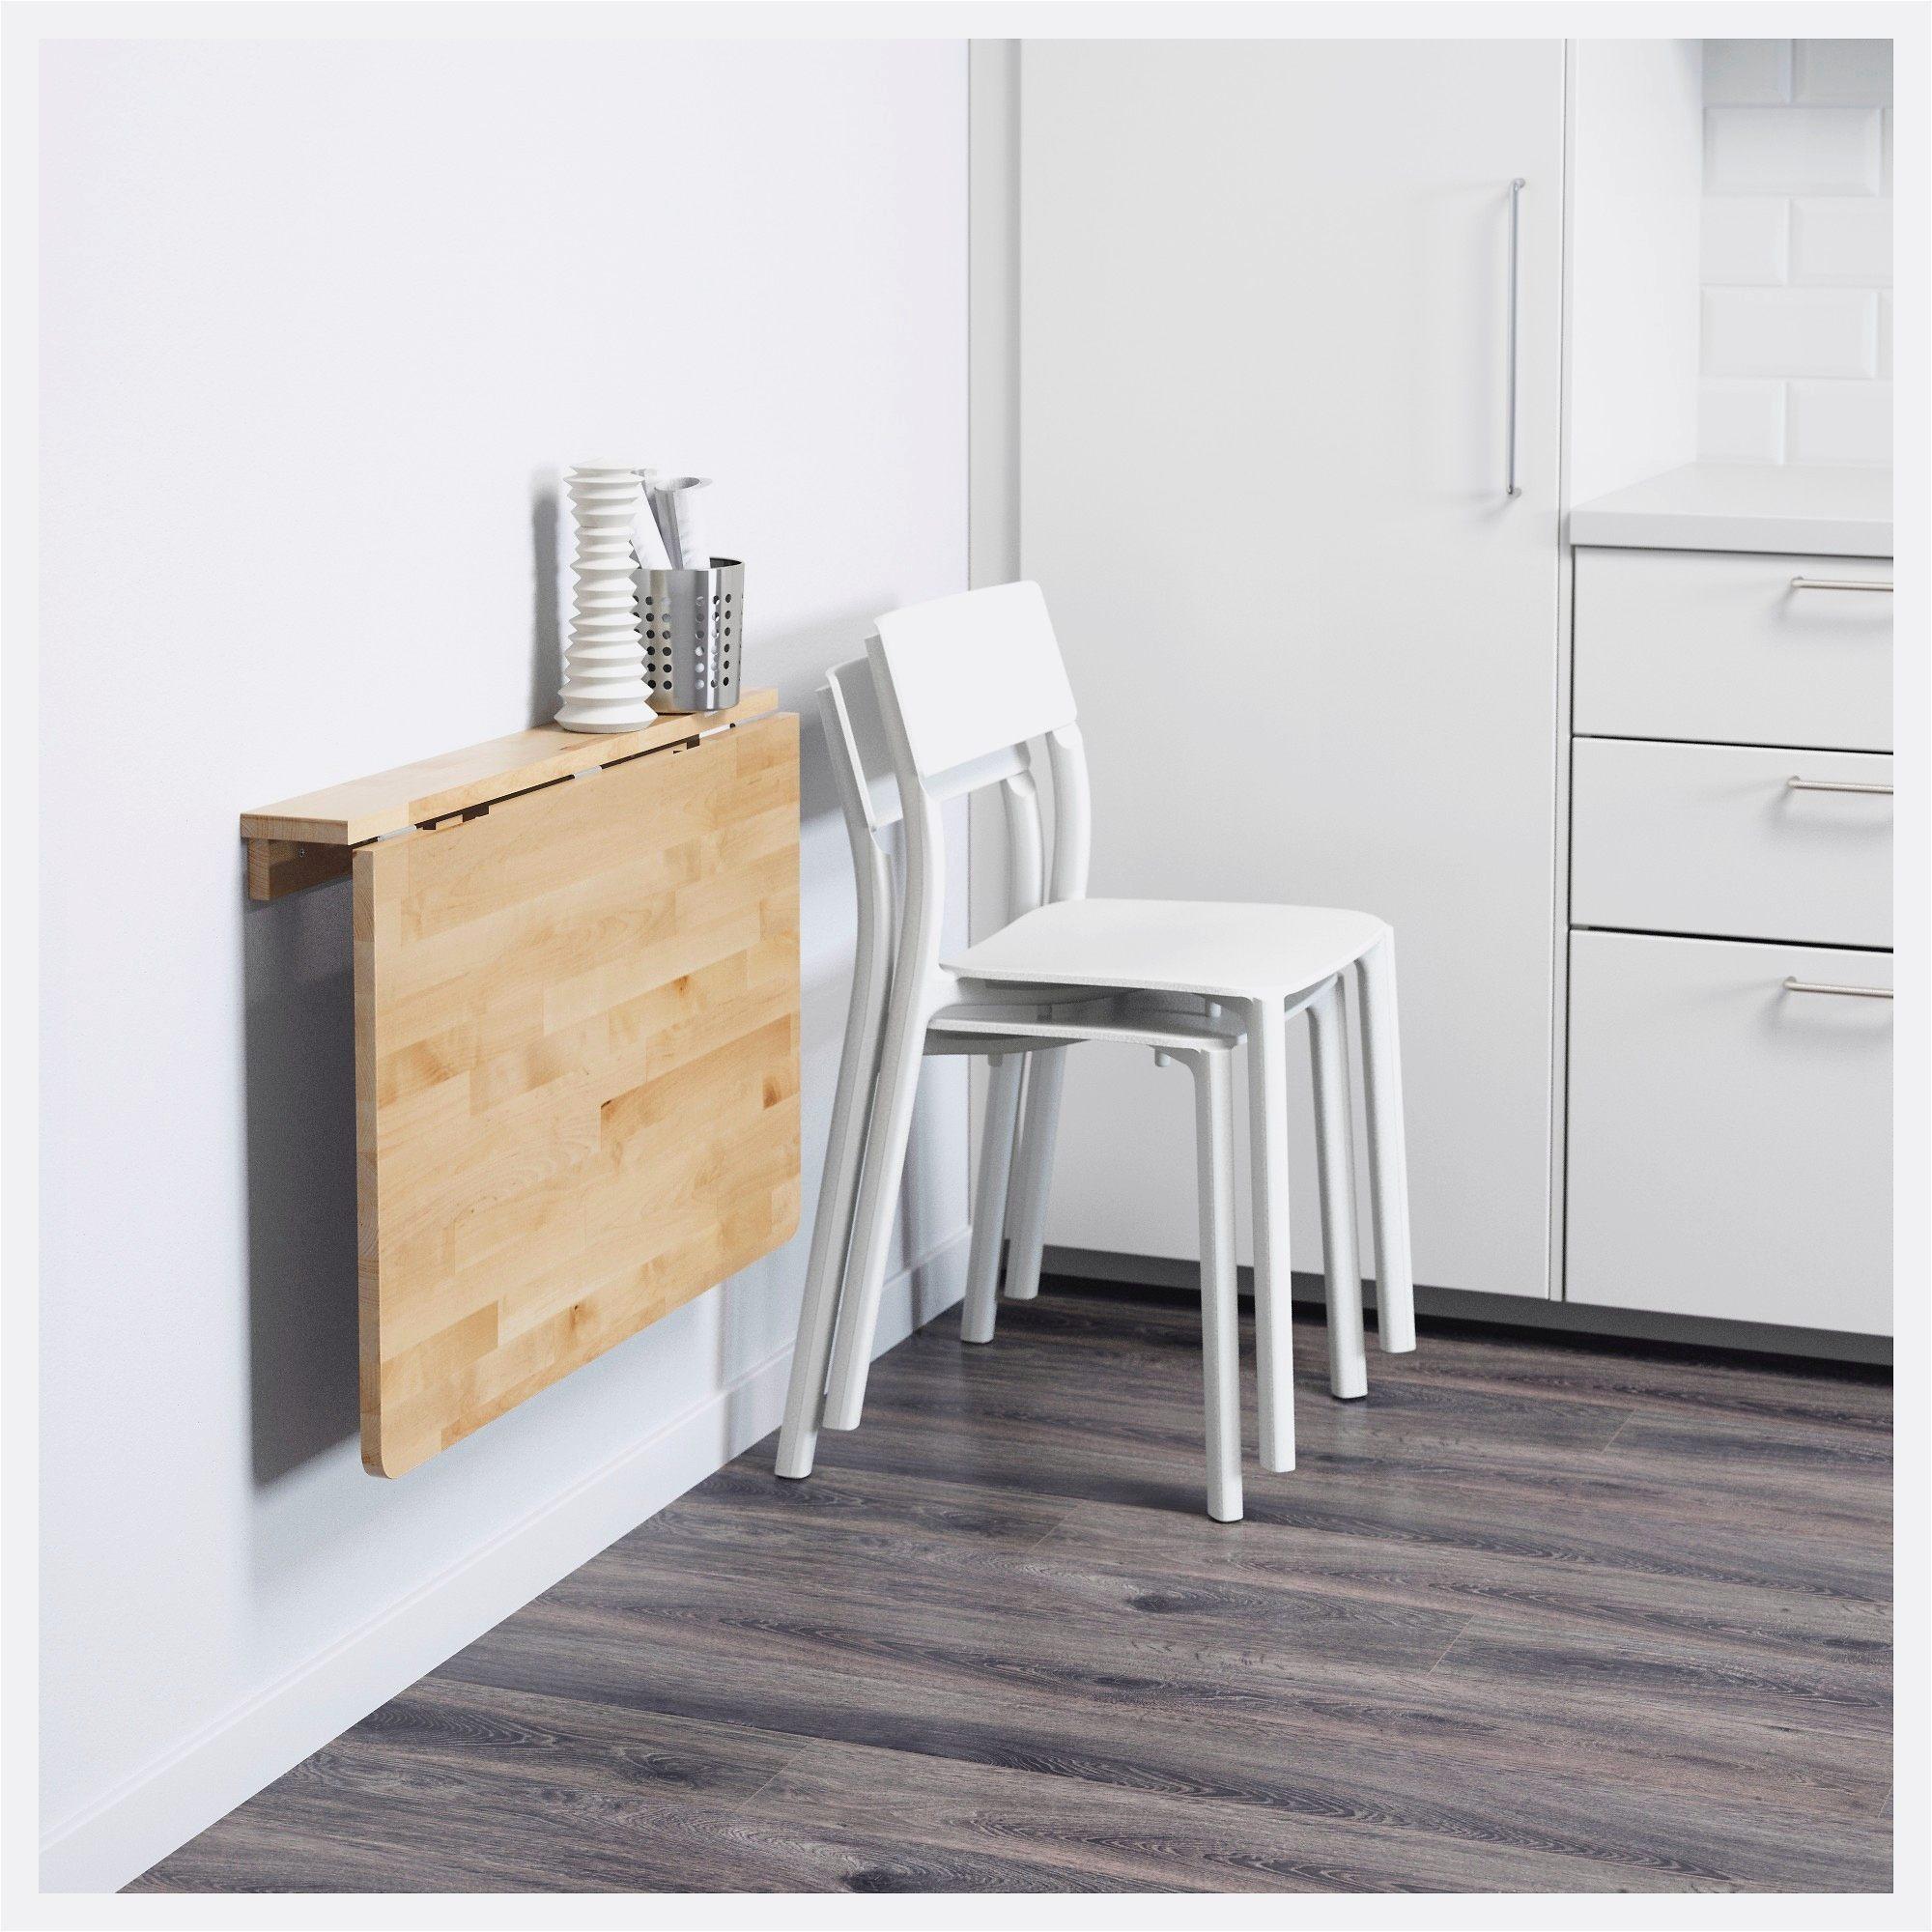 Lit Placard Ikea Élégant Armoire Lit Banquette Magnifique Lit Placard Ikea Inspirant Canape